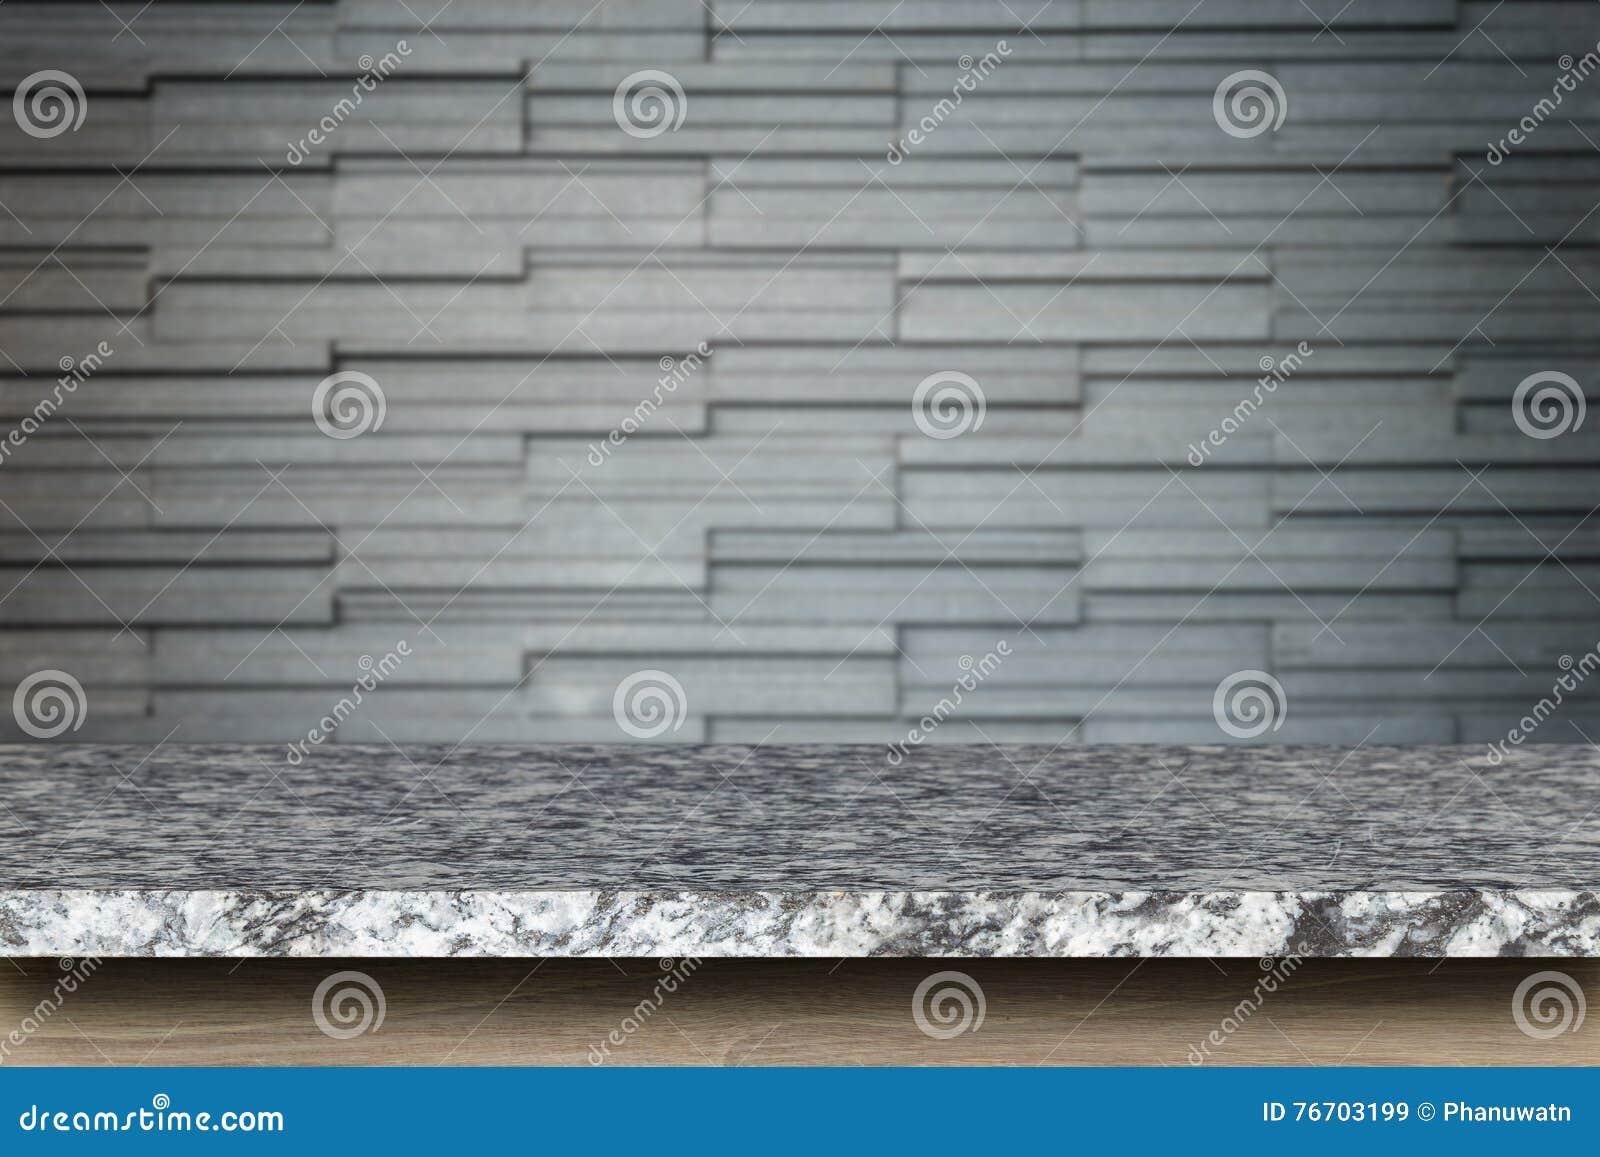 Dessus vide de fond de table en pierre naturelle et de mur en pierre